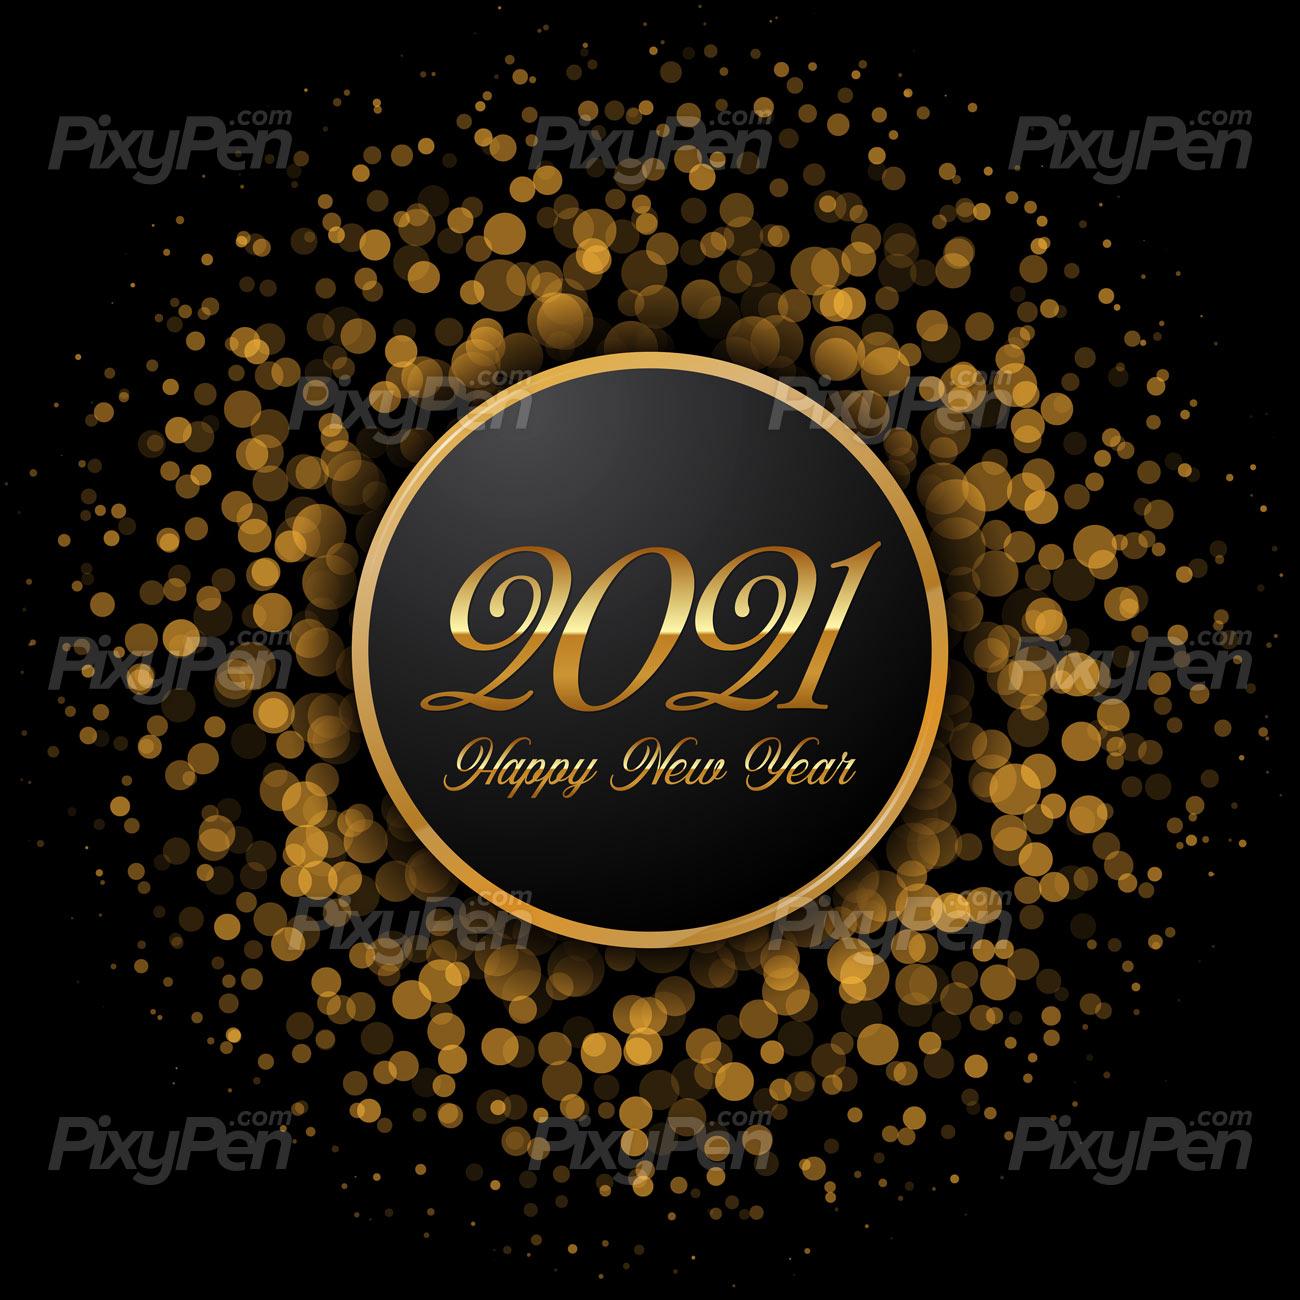 happy new year 2021 wallpaper   Vector background PixyPen 1300x1300